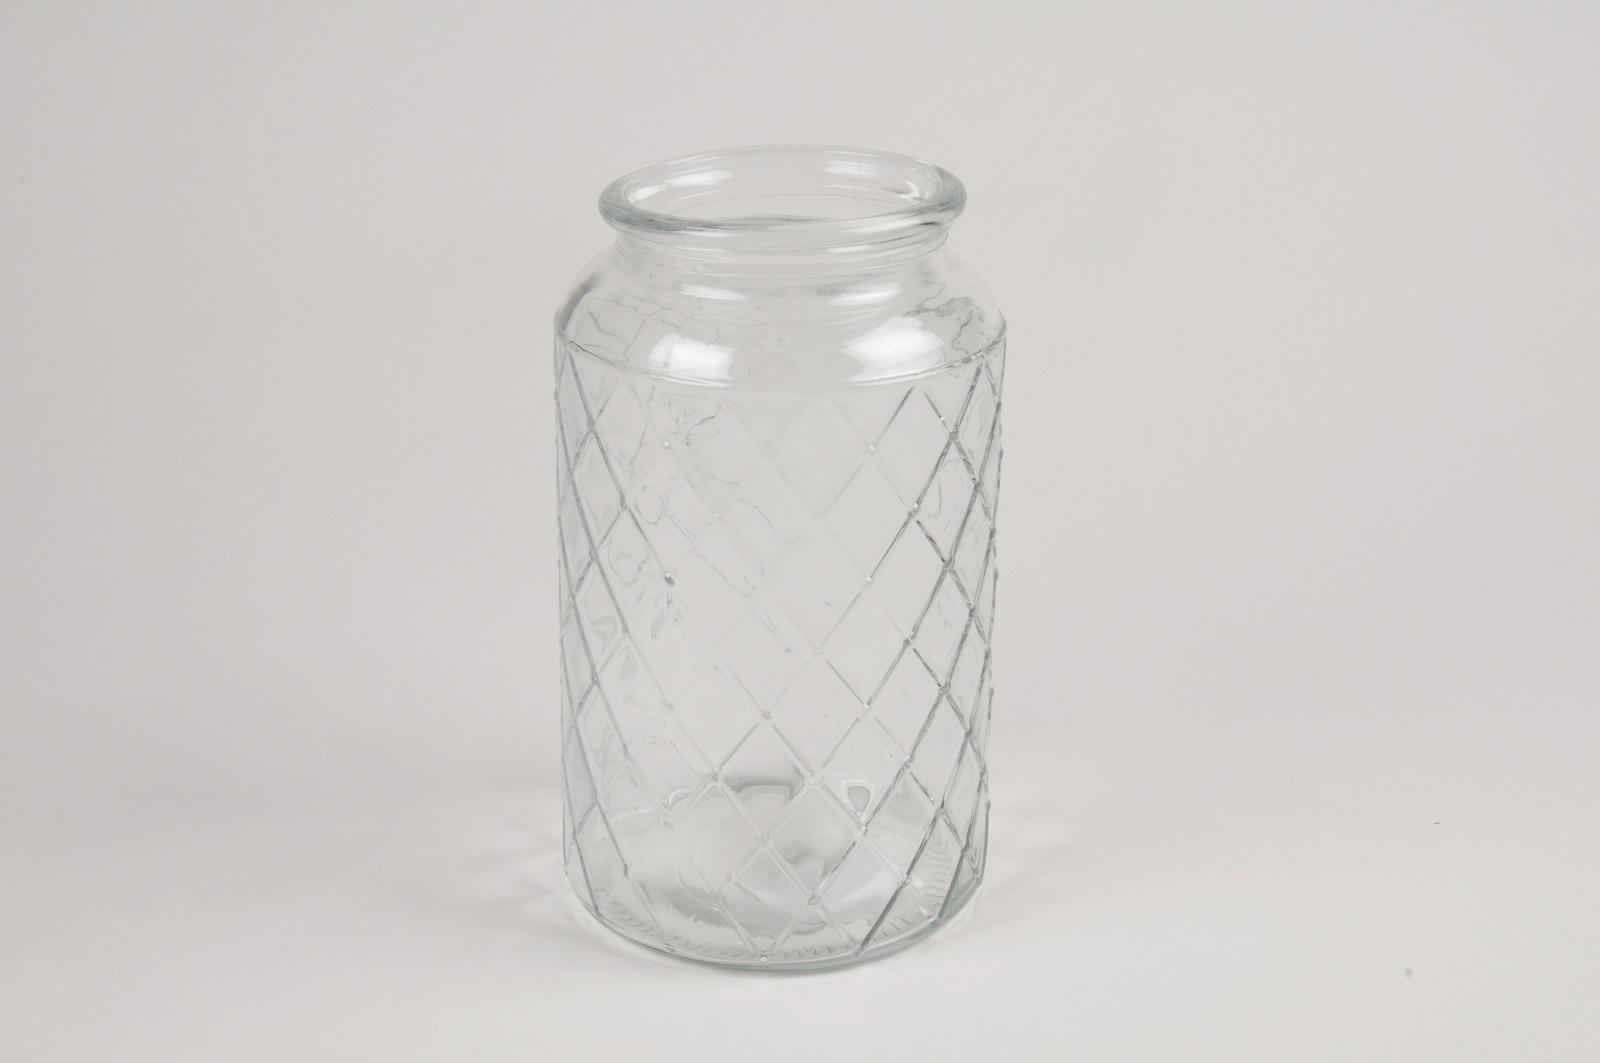 A076R4 Vase en verre D10.5cm H18cm